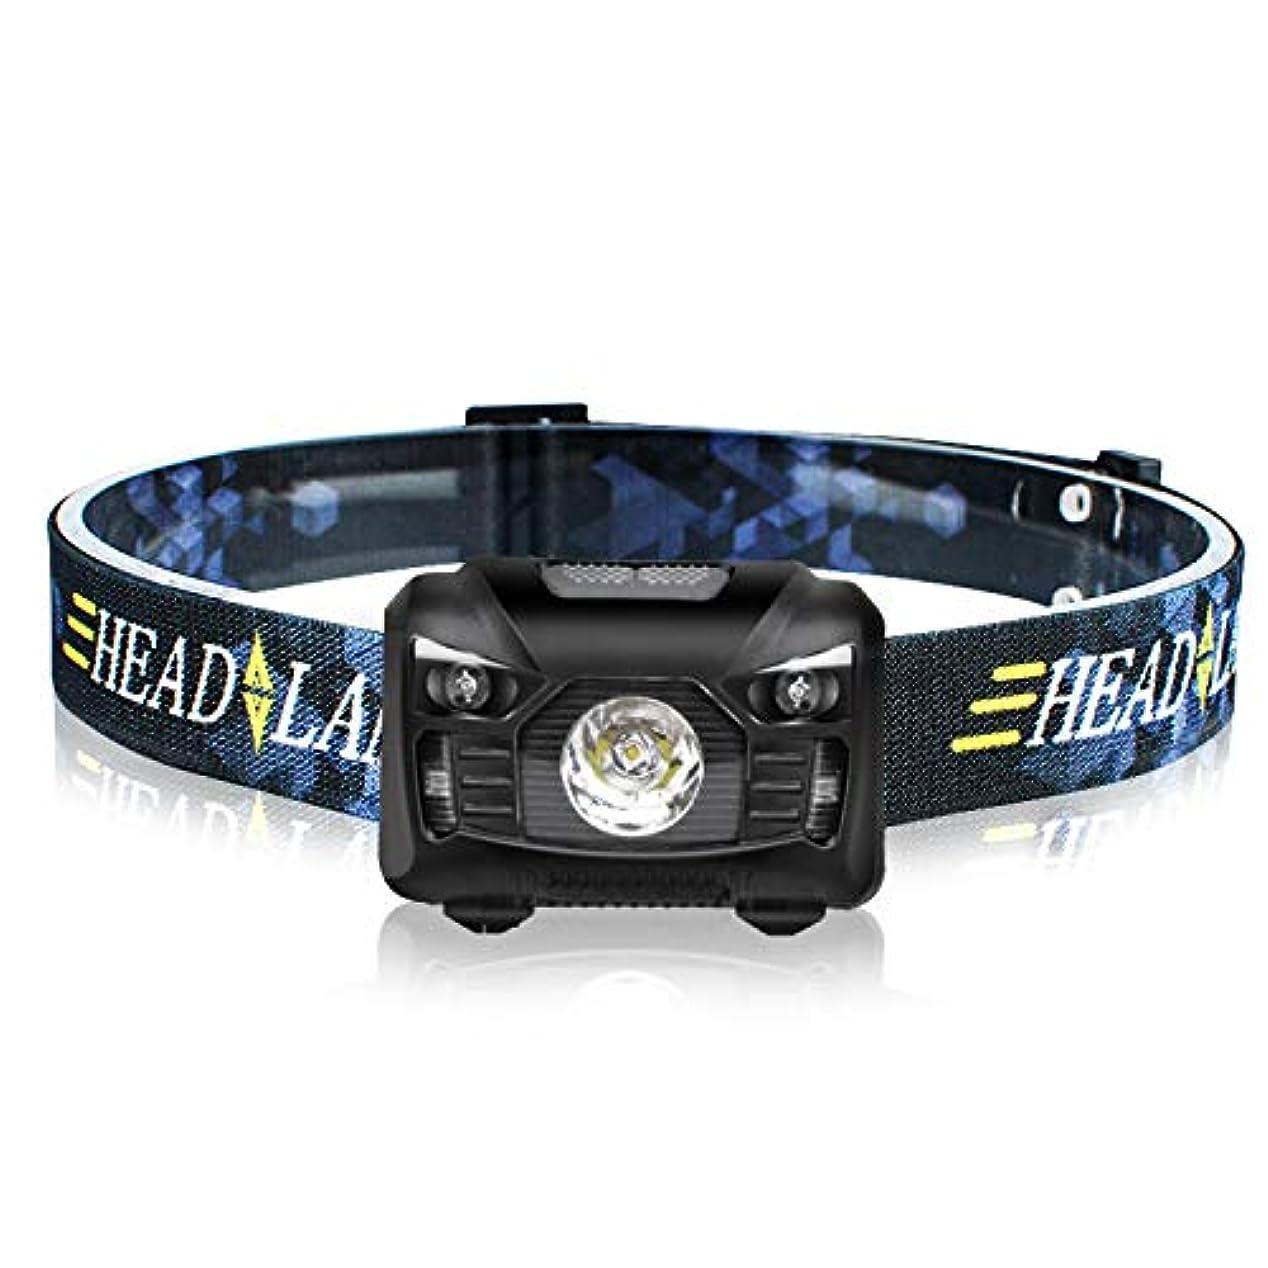 溶けた好きであるアイドルKAEDE LED ヘッドランプ ヘッドライト LED 防水 センサー機能 ネックライト アウトドアライト 250ルーメン 30時間点灯 防水防災 自転車ライト ランキング キャンプ 夜釣り 登山 夜作業など最適 ブラック